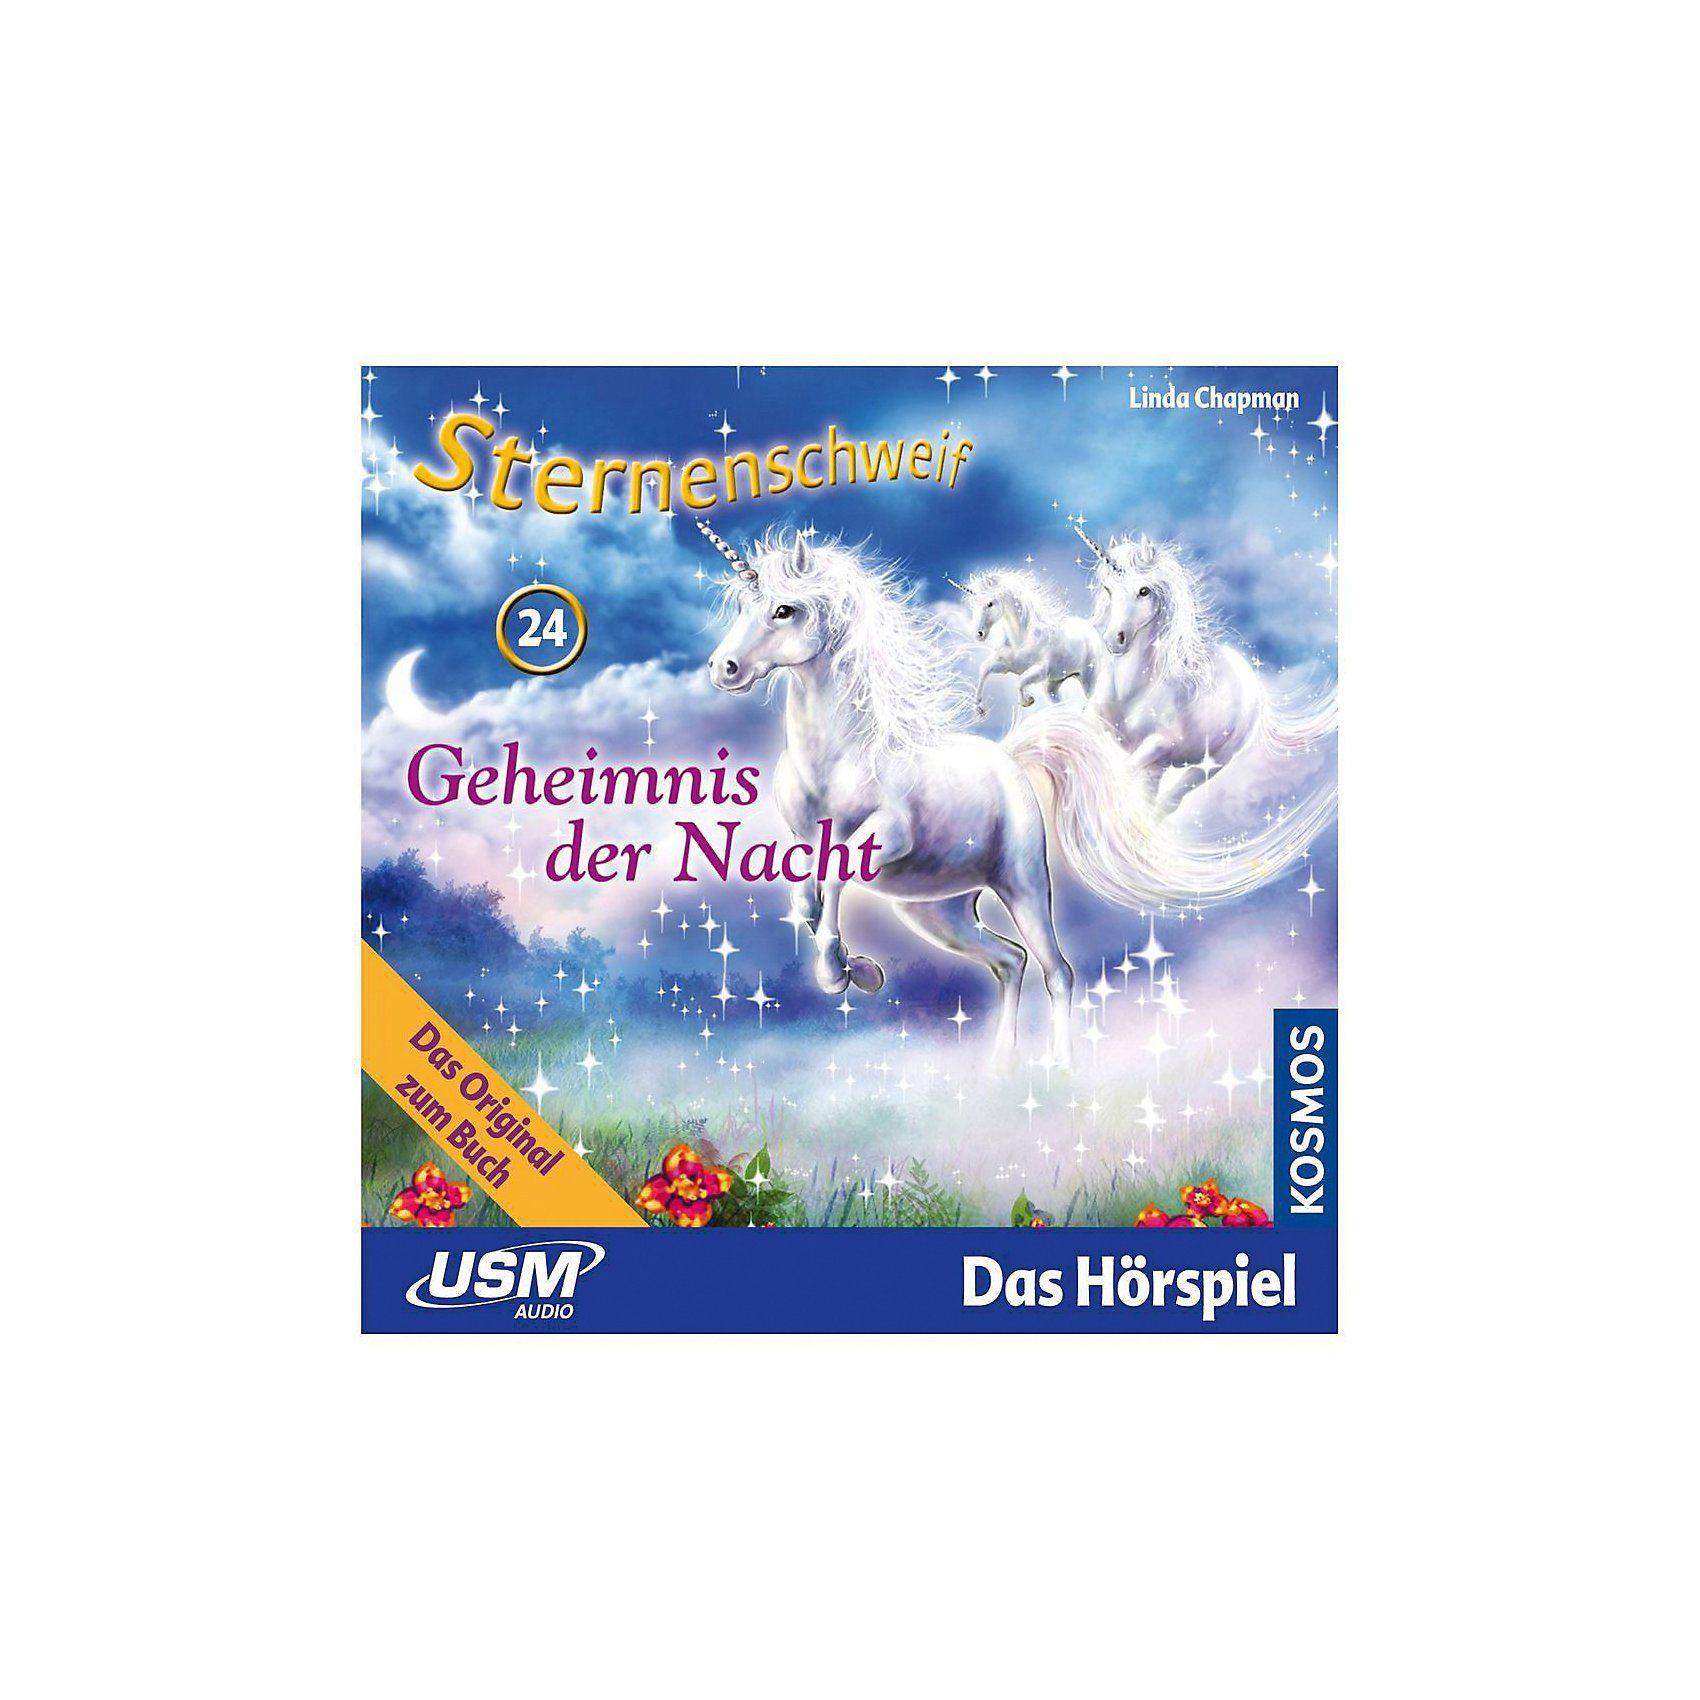 CD Sternenschweif 24 - Geheimnis der Nacht